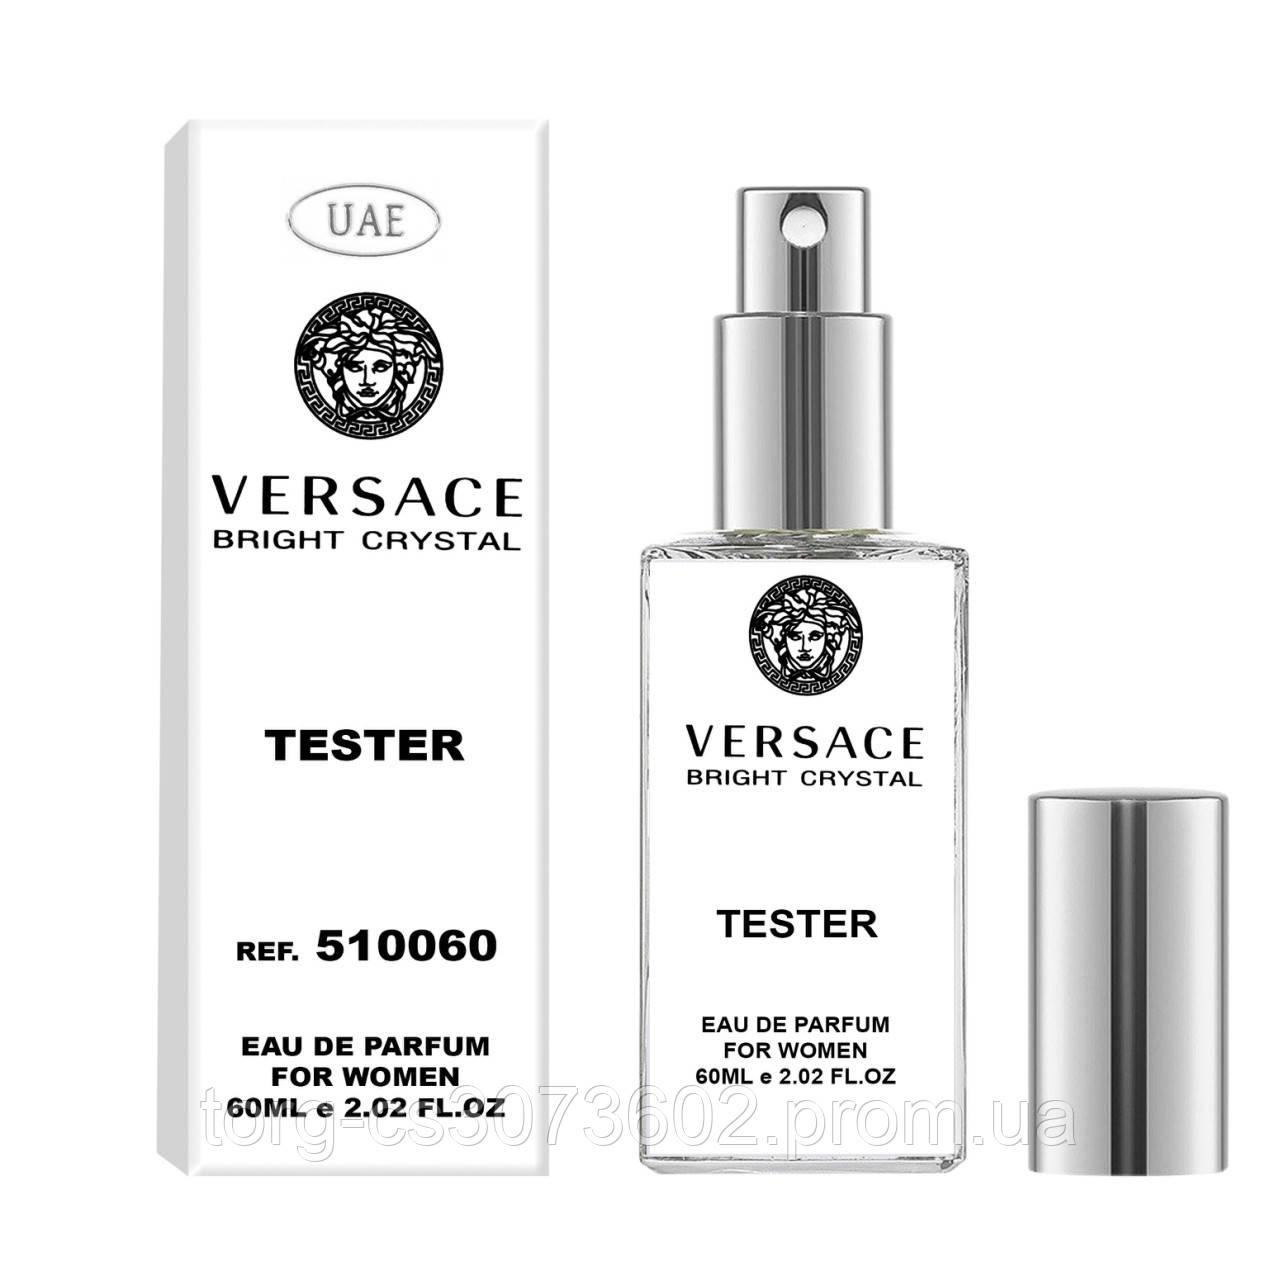 Тестер женский  UAE Versace Bright Crystal, 60 мл.